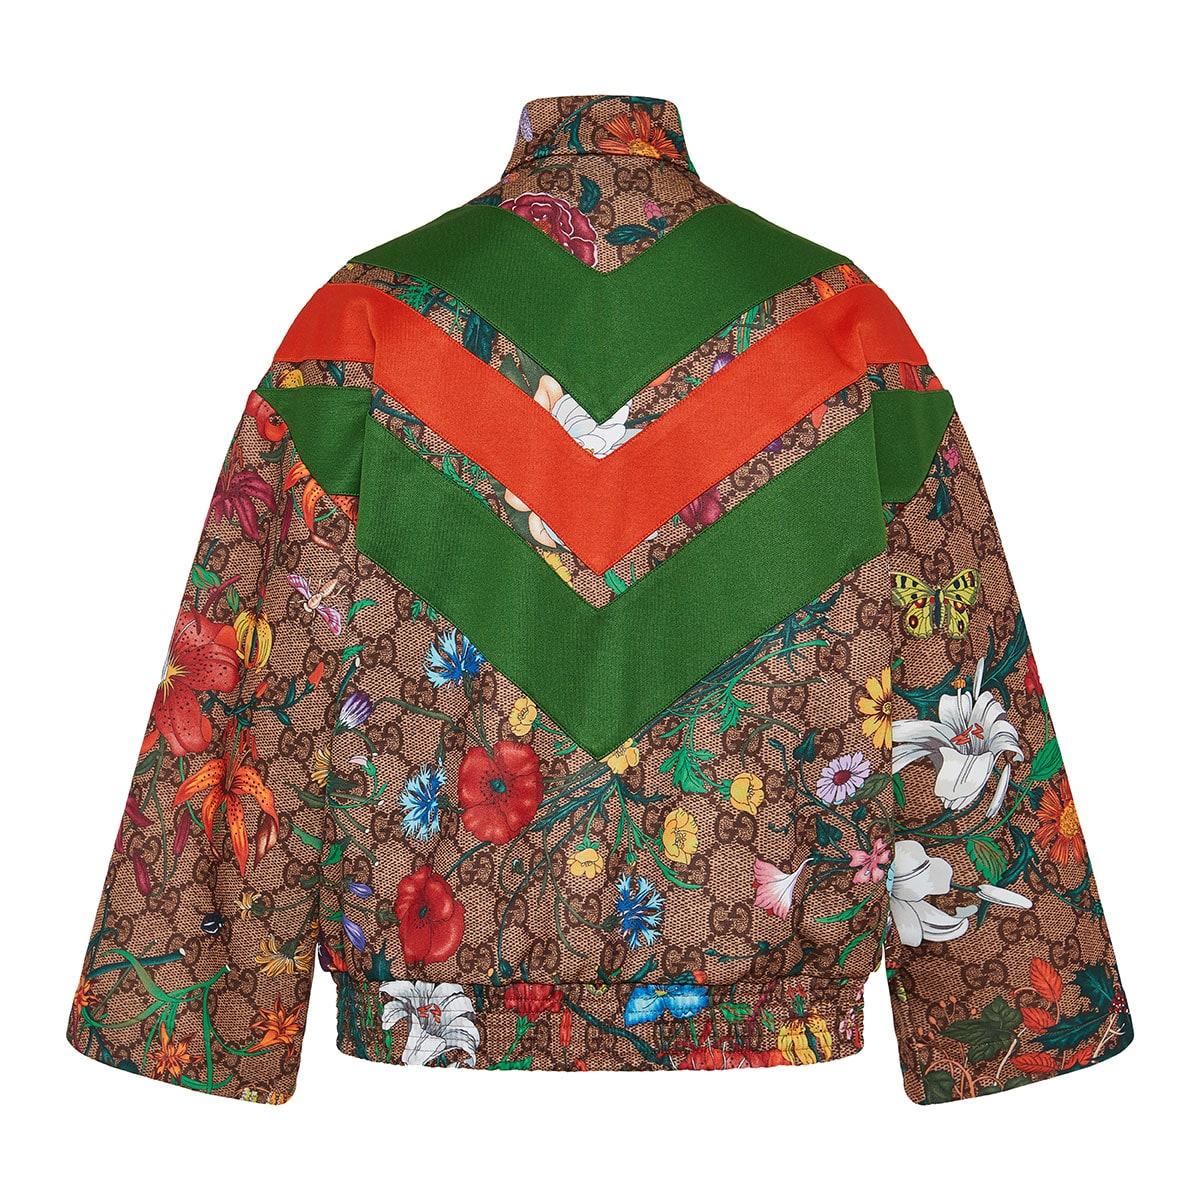 GG Flora track jacket